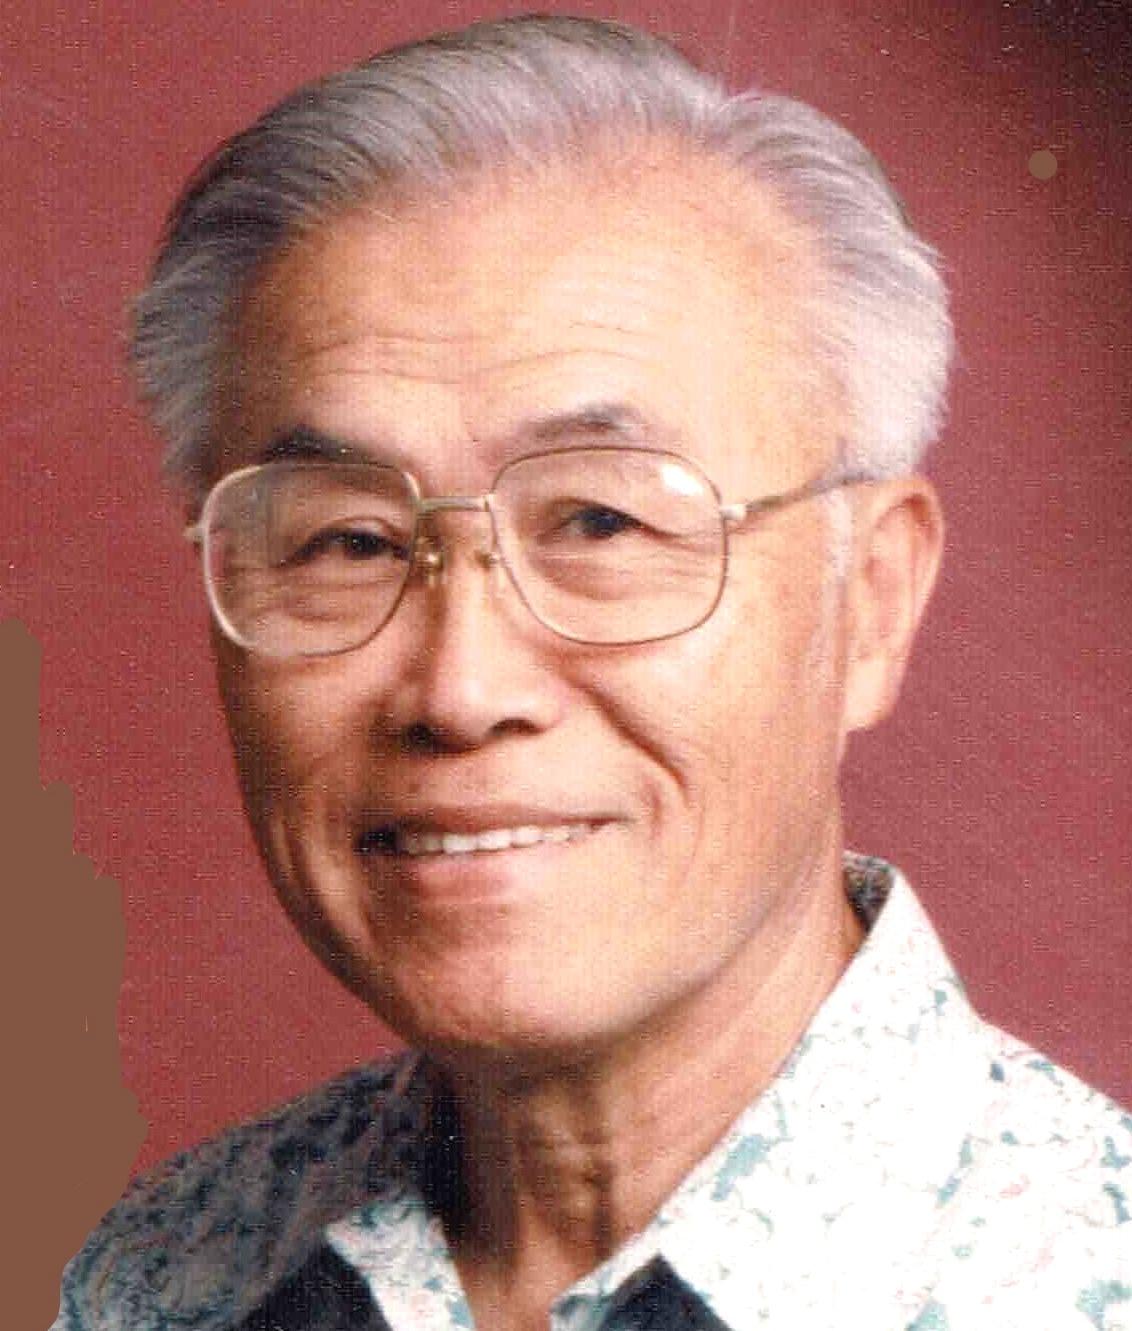 KAM CHONG CHUN